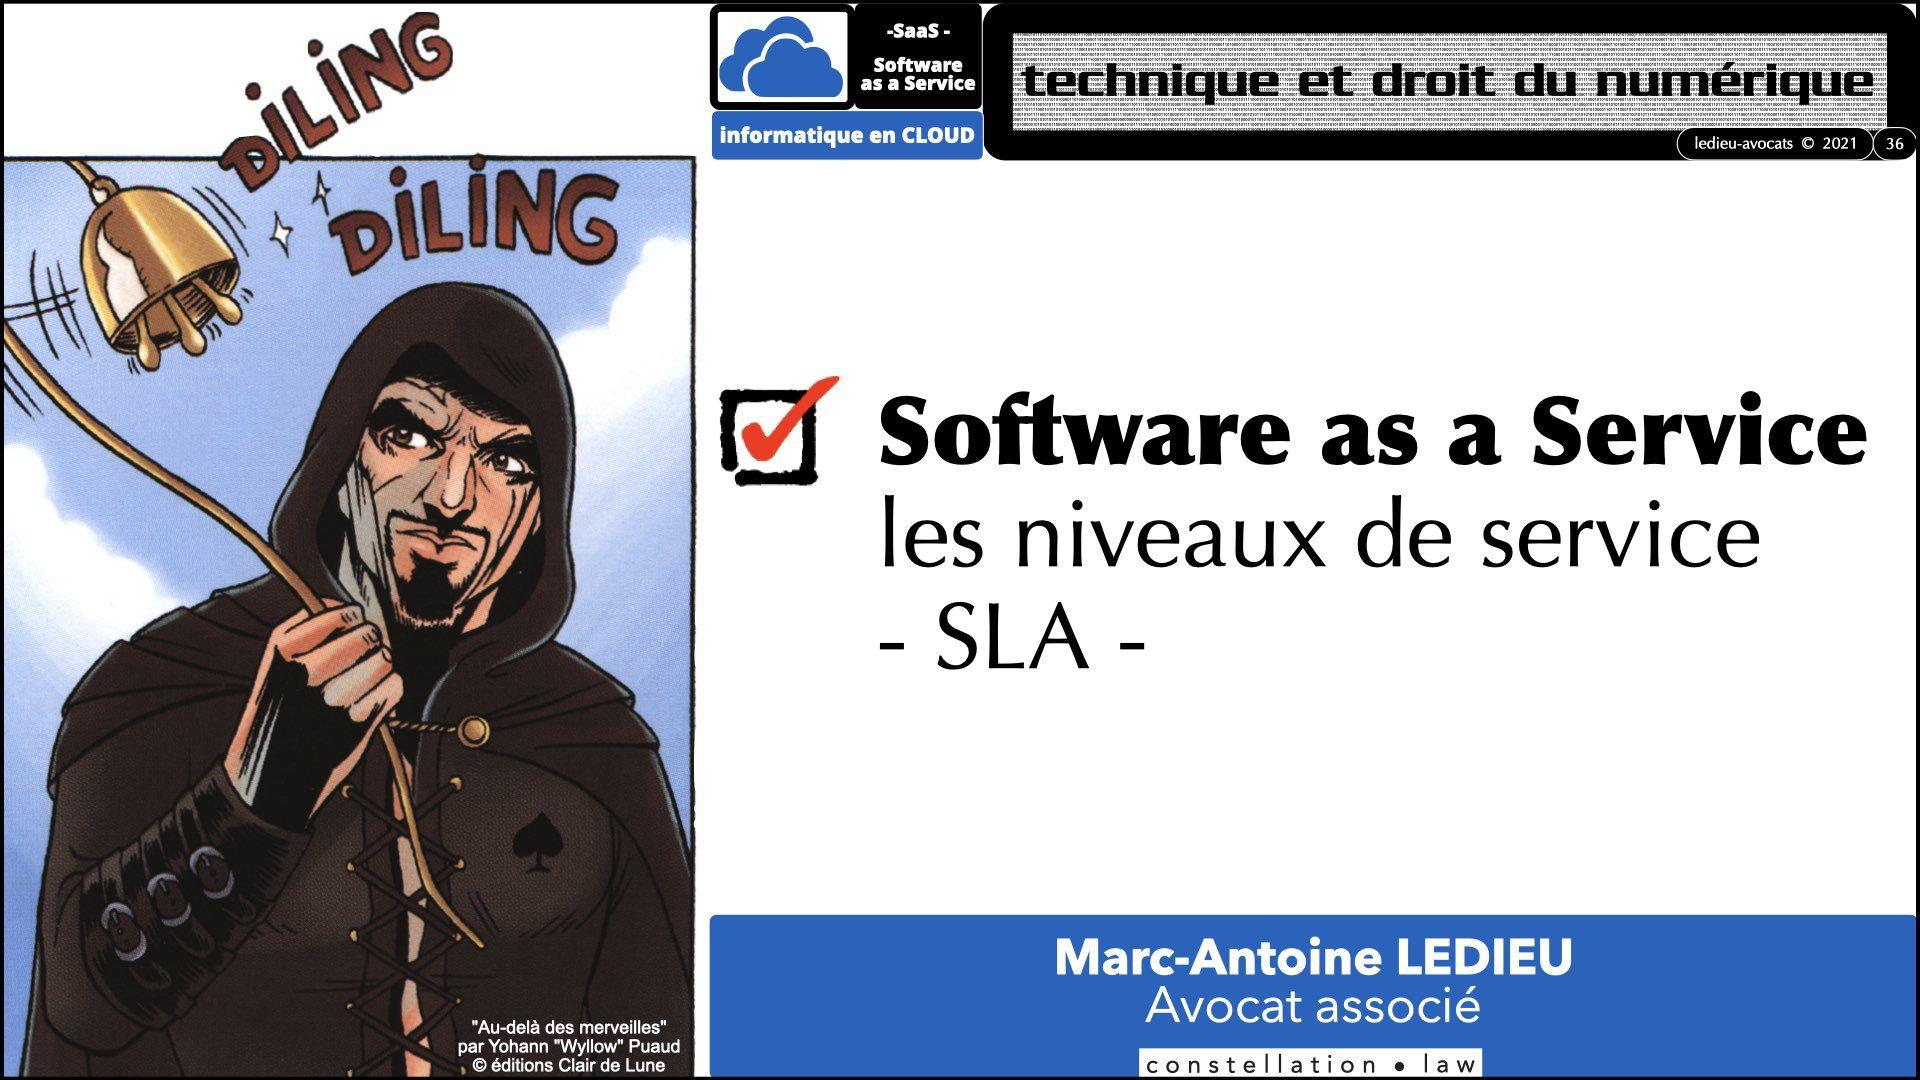 343 service LOGICIEL SaaS Software-as-a-Service cloud computing © Ledieu-Avocats technique droit numerique 30-08-2021.036